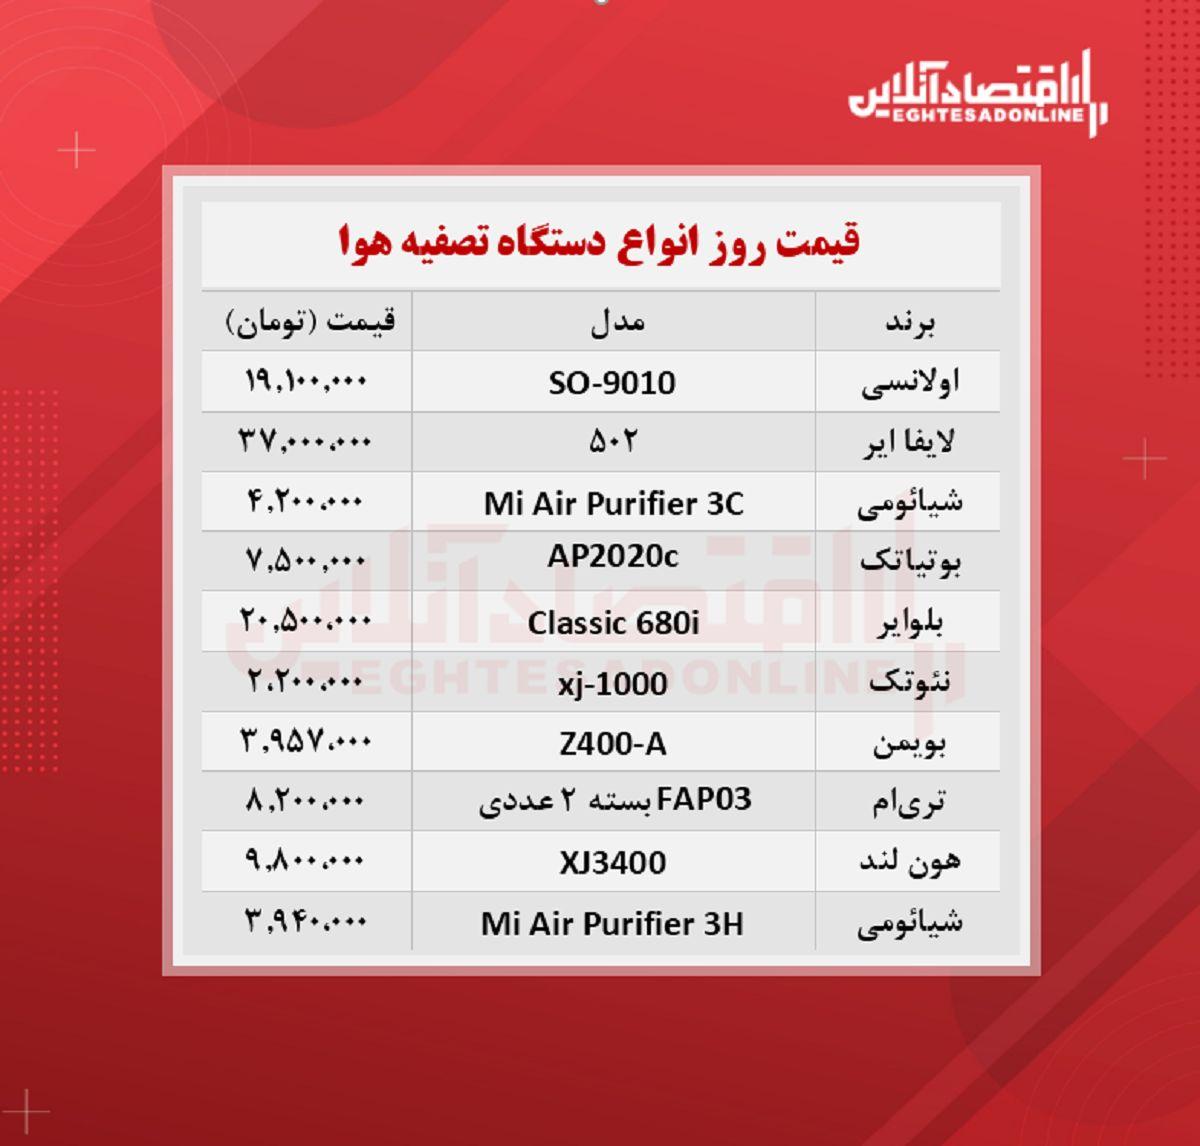 قیمت جدید دستگاه تصفیه هوا + جدول